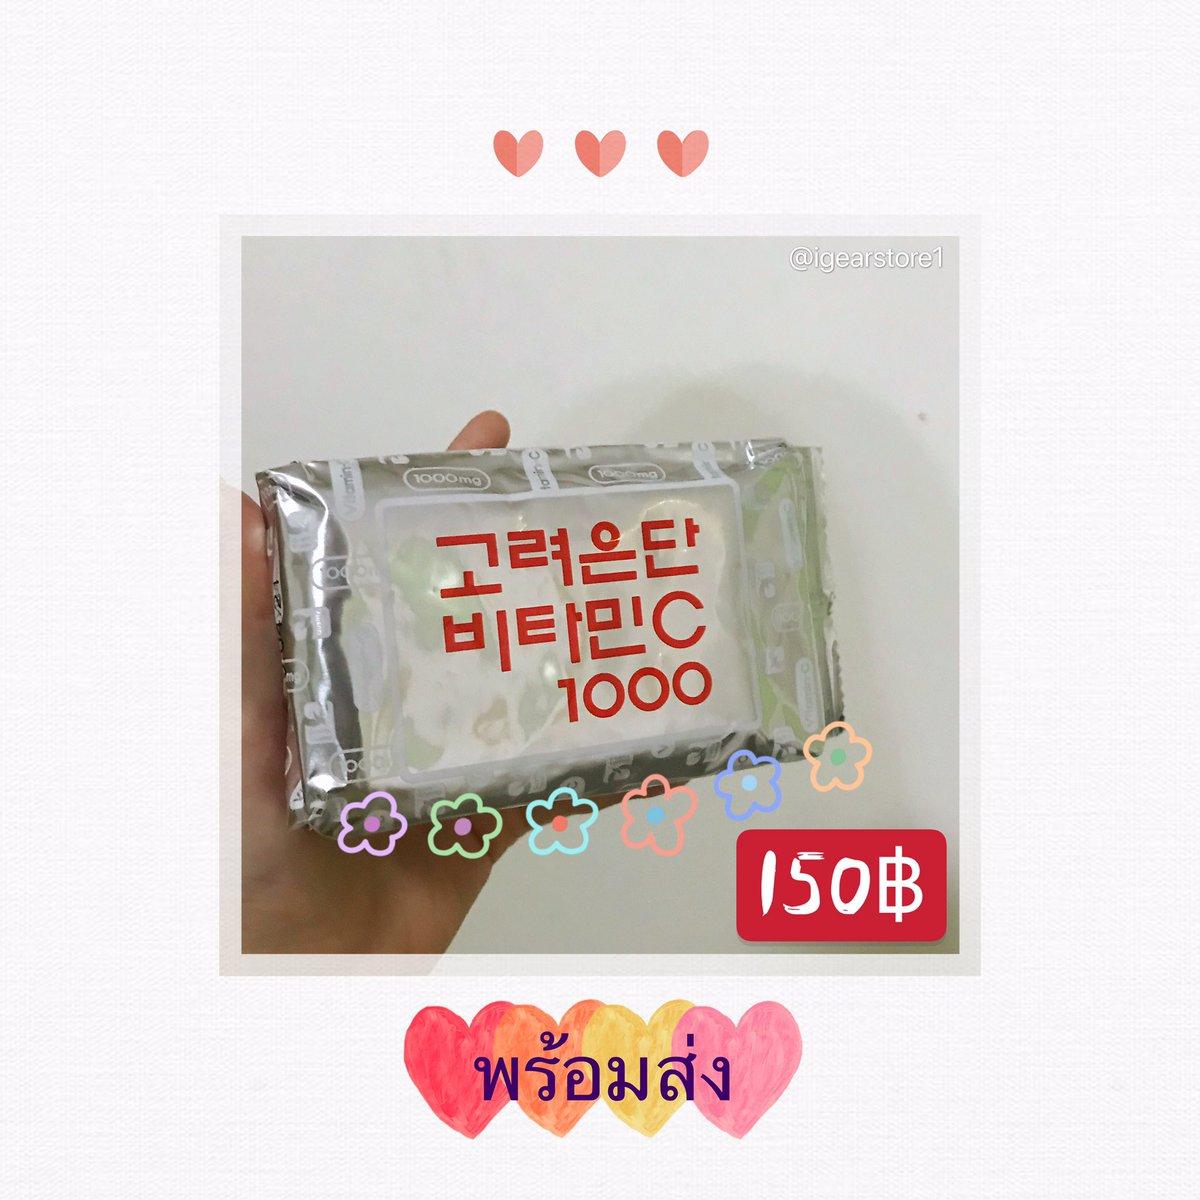 [IN STOCK]{ pls,rt }🙏🏻  🌽VitaminC KOREA EUNDAN 1000 mg 🌽  🔥Price : 150.- (1 แพค 60 เม็ด)🔥 🔥Price : 1700.- (ยกกล่อง 12 ห่อ)🔥 📦ค่าส่ง 30฿/50฿/+5฿📦 ✨ส่งแฟลช 40฿✨   #พรีออเดอร์เกาหลี #รีวิวเกาหลี #รับหิ้วเกาหลี #ตลาดนัดบังทัน #HowtoPerfect #สกินแคร์เกาหลี #วิตามินเกาหลี https://t.co/UA6RMDs2mS